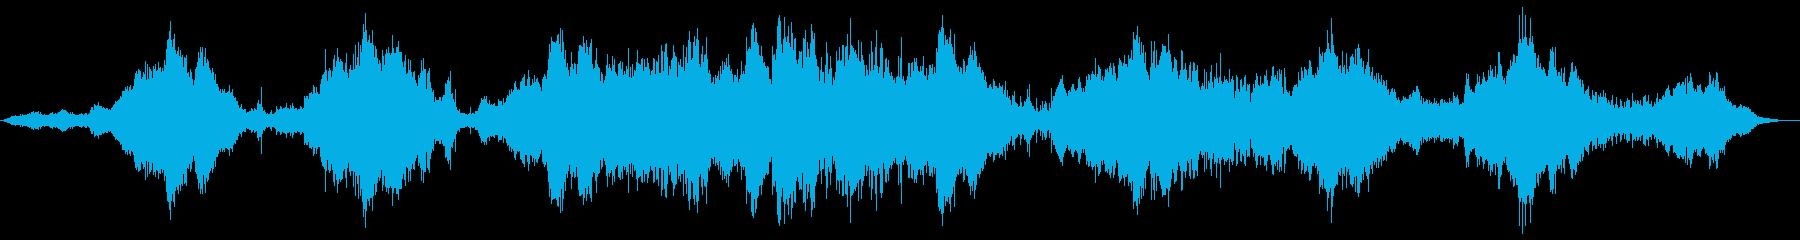 暗いホラーテクスチャーなドローンの再生済みの波形